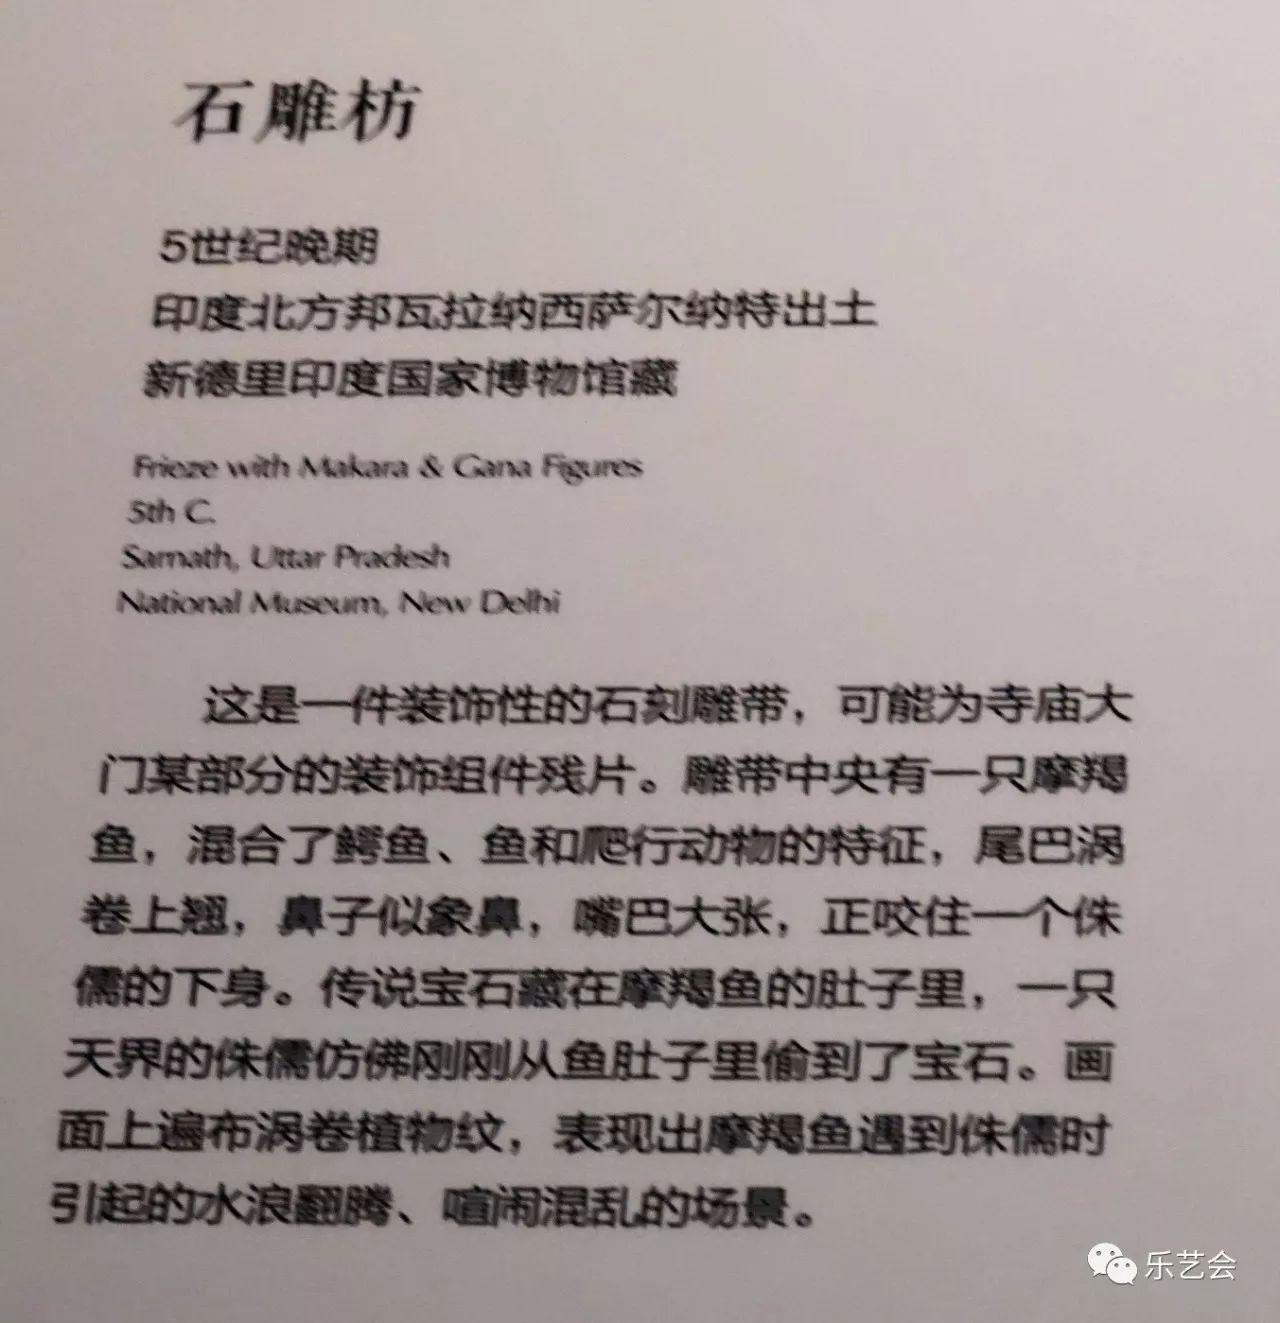 吴山派出所一日行政拘留7名违法行为人,其中5名赌博2名吸毒